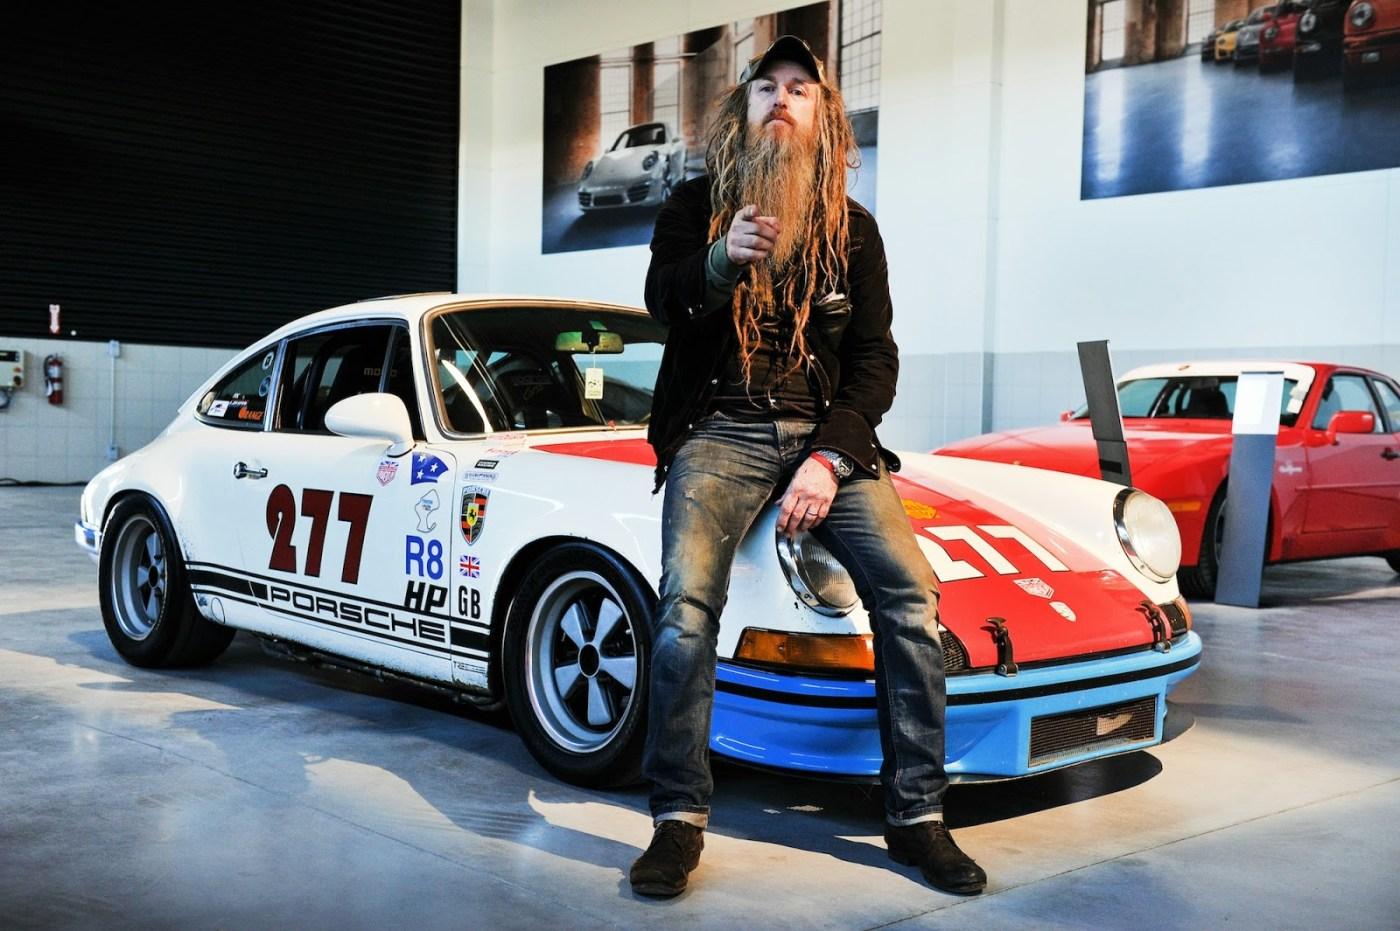 Hot Wheels : Les trois dernières Porsche Magnus Walker dévoilées